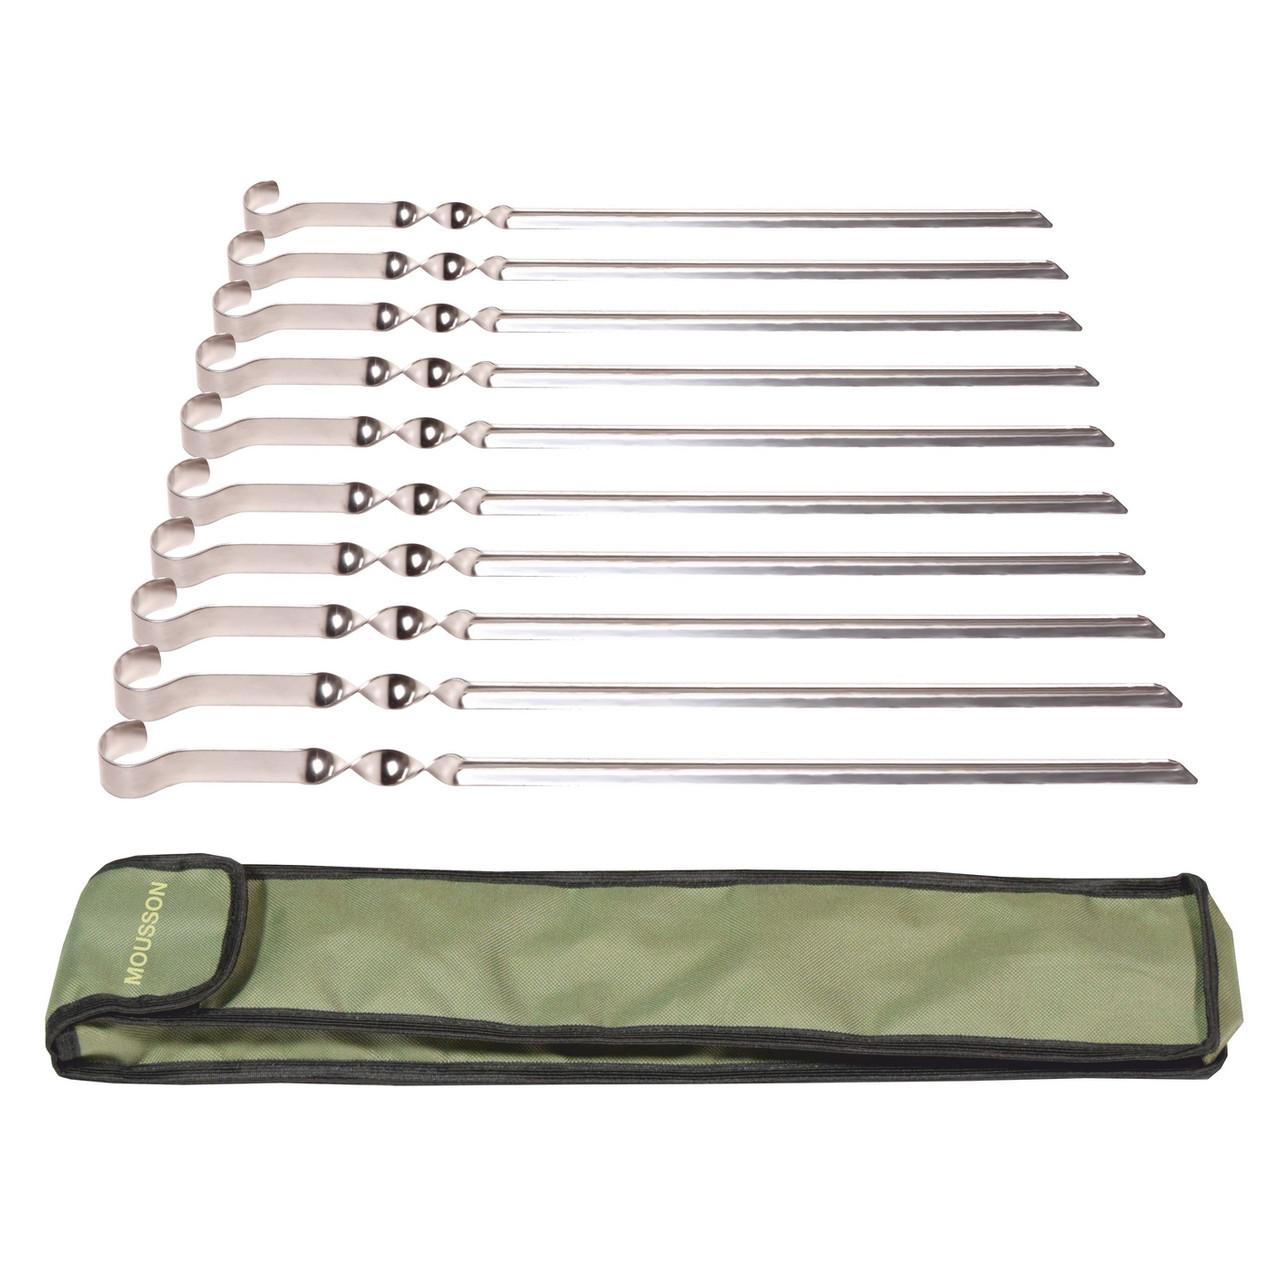 Набір сталевих шампурів 10 шт. в чохлі Mousson S4B10